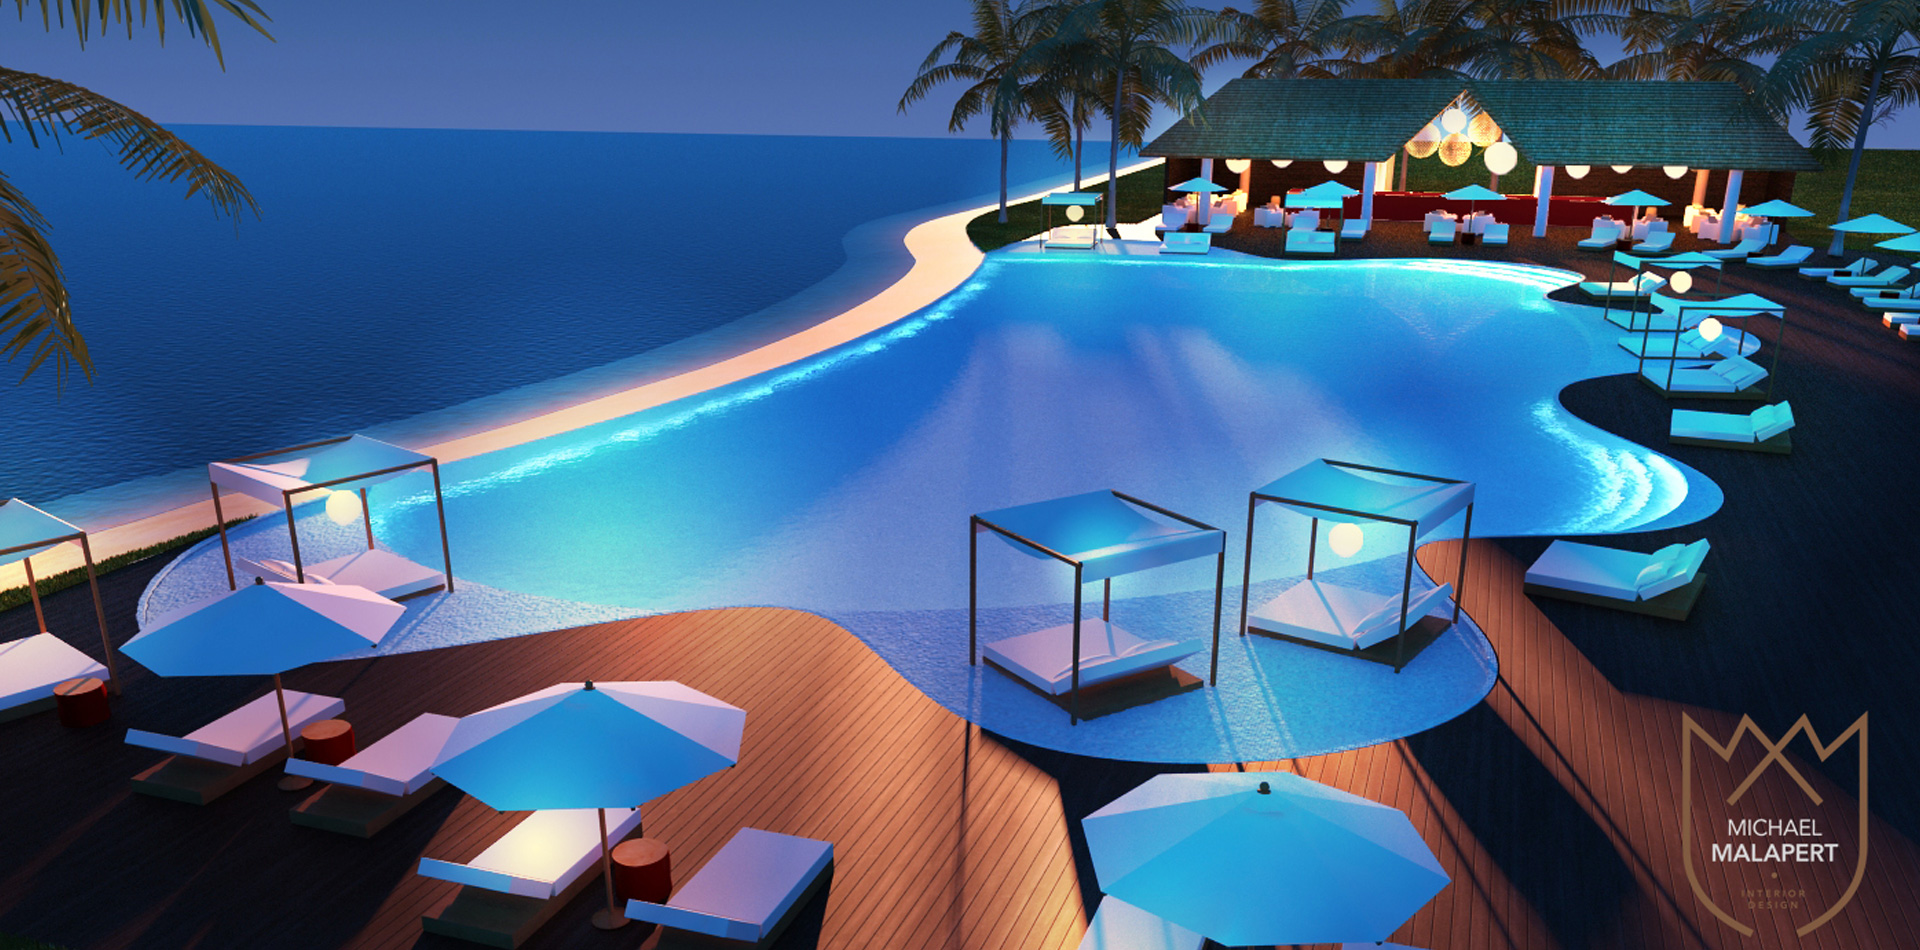 Concours piscine bar michael malapert interior design for Concours club piscine